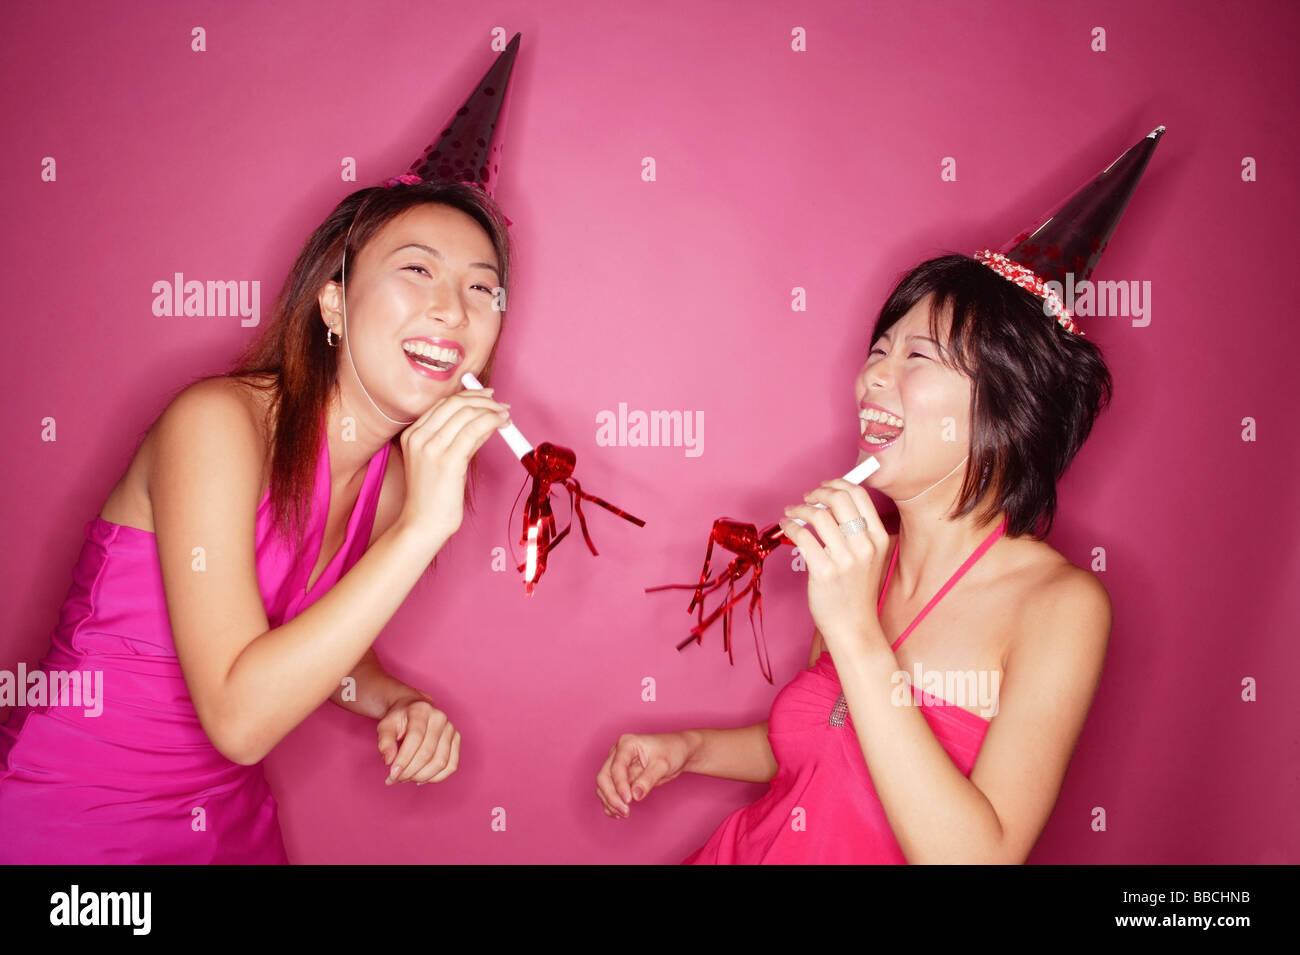 Las mujeres jóvenes con matracas u otros objetos para hacer ruido y gorros  de fiesta 57be4aa7126